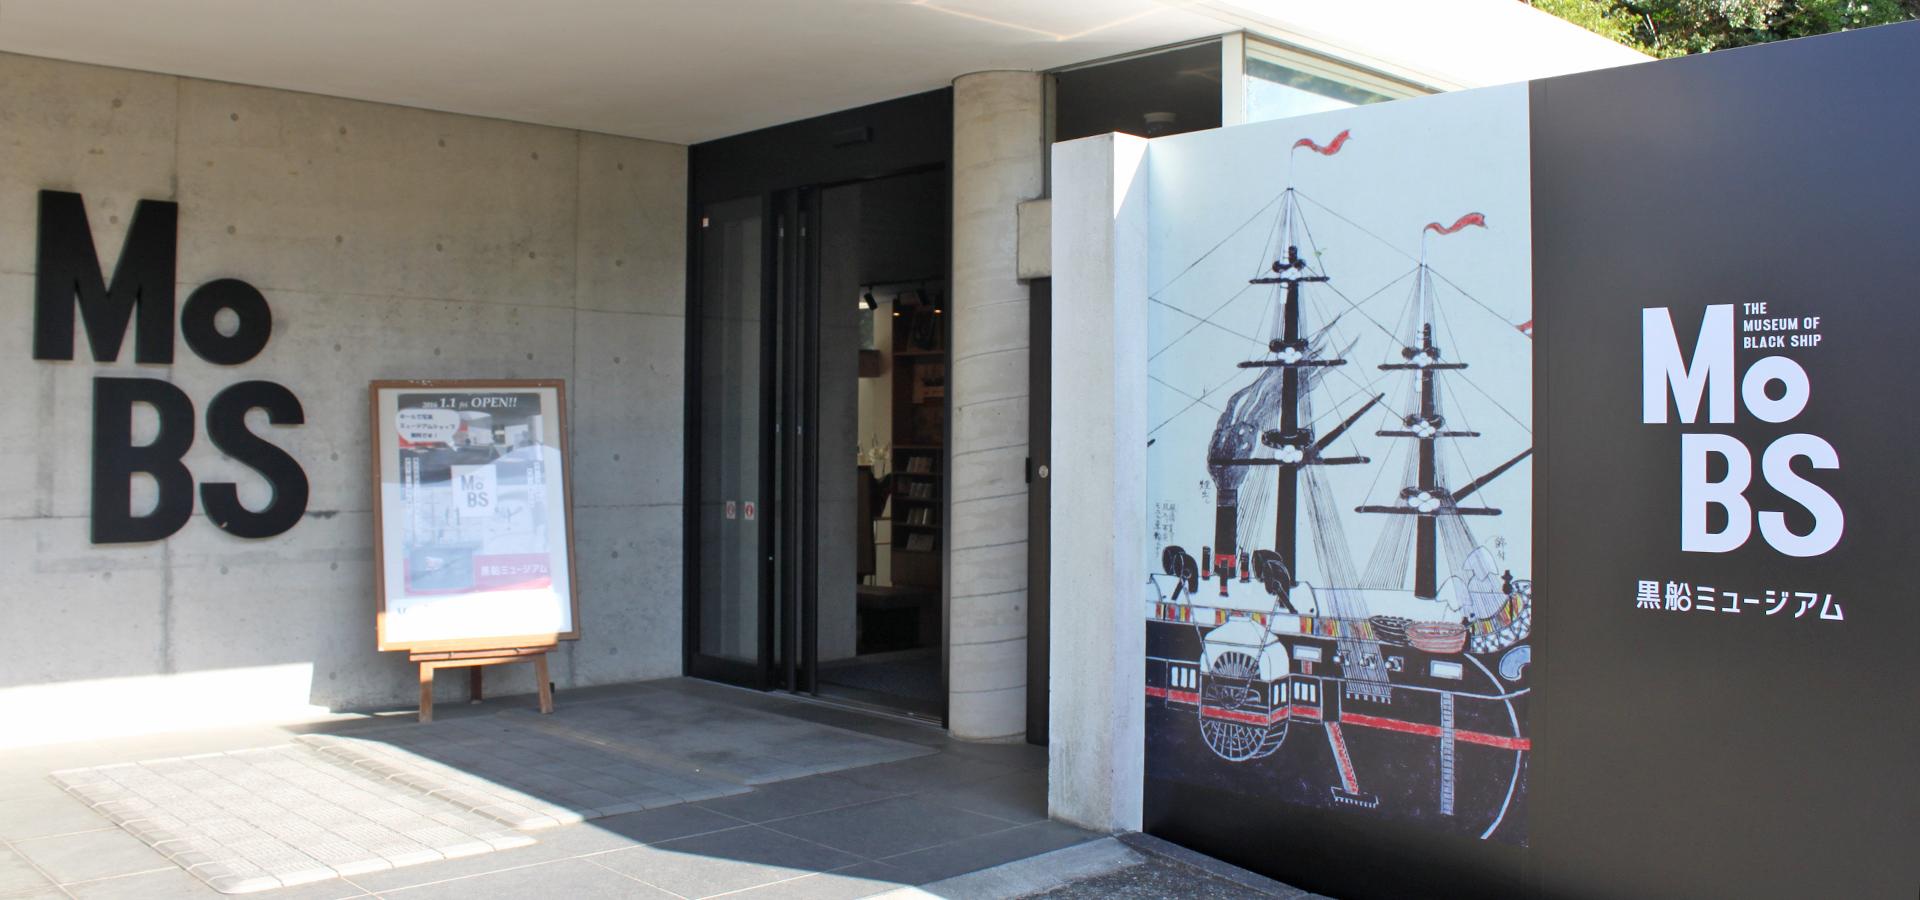 了仙寺.黑船博物館(MoBS)